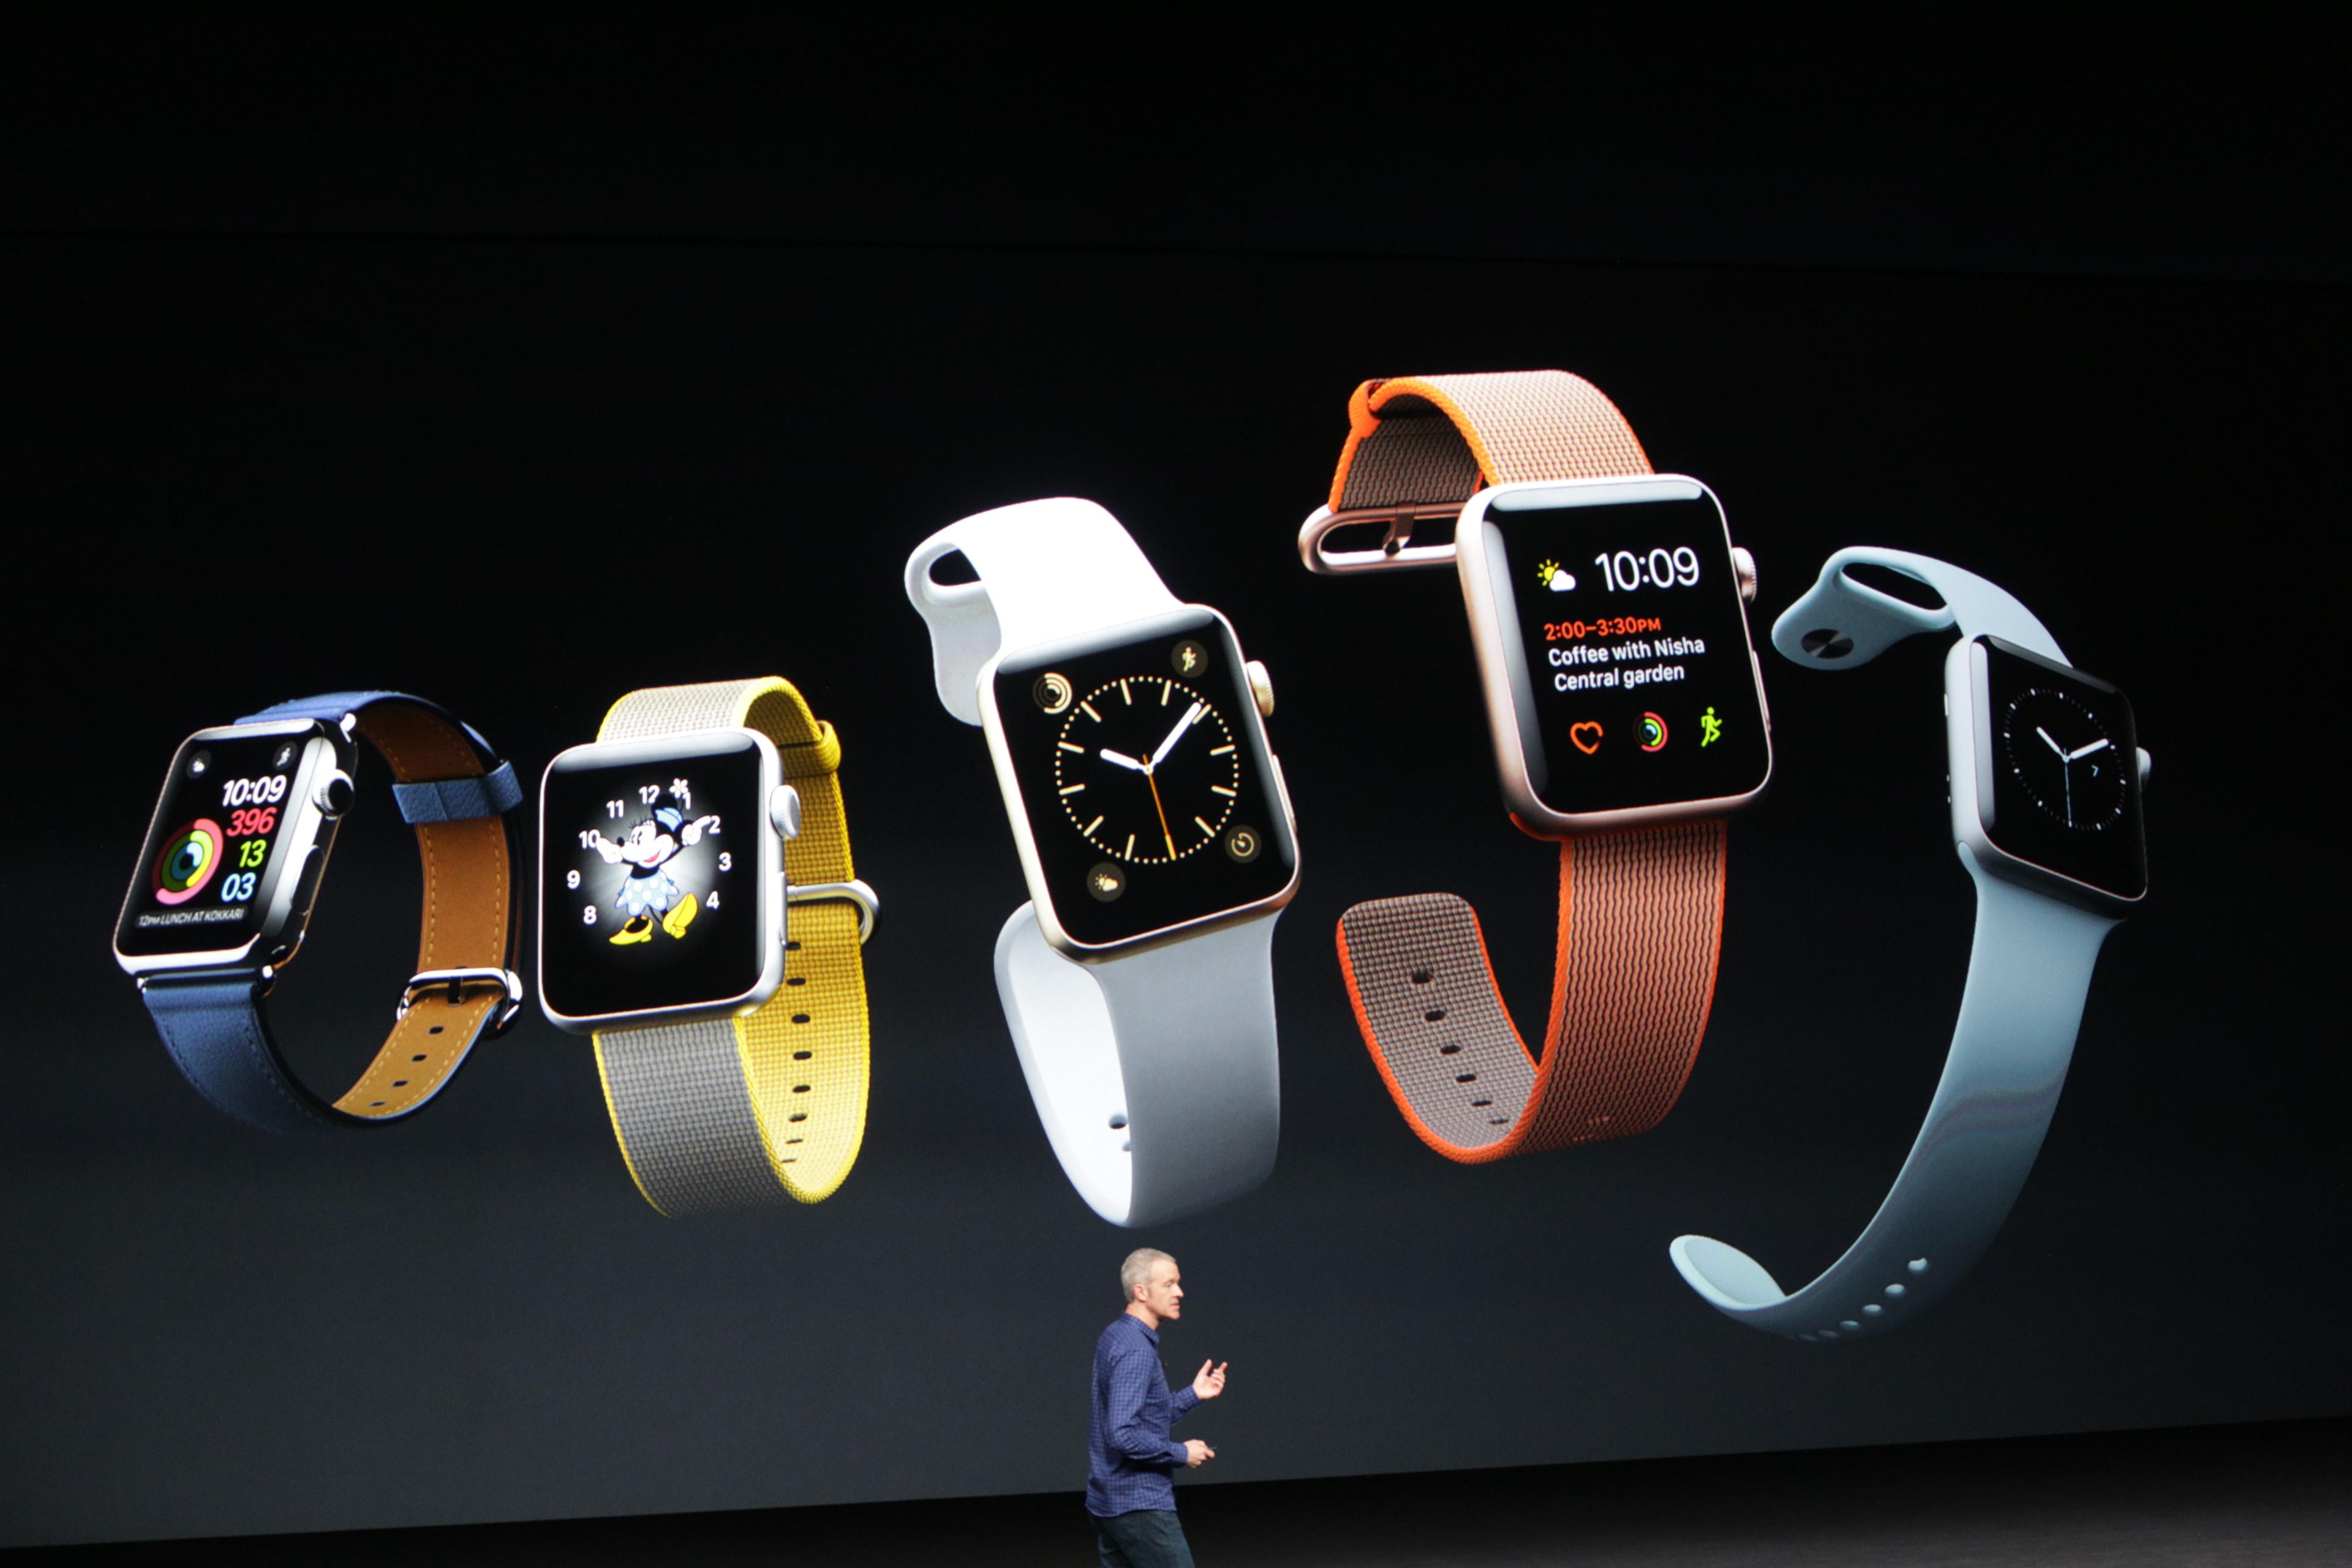 Apple เปิดตัว Apple Watch Series 2 อัพเกรดตัวเครื่องกันน้ำ เพิ่ม GPS ในตัว พร้อมความแรงด้วยซีพียูดูอัลคอร์!!